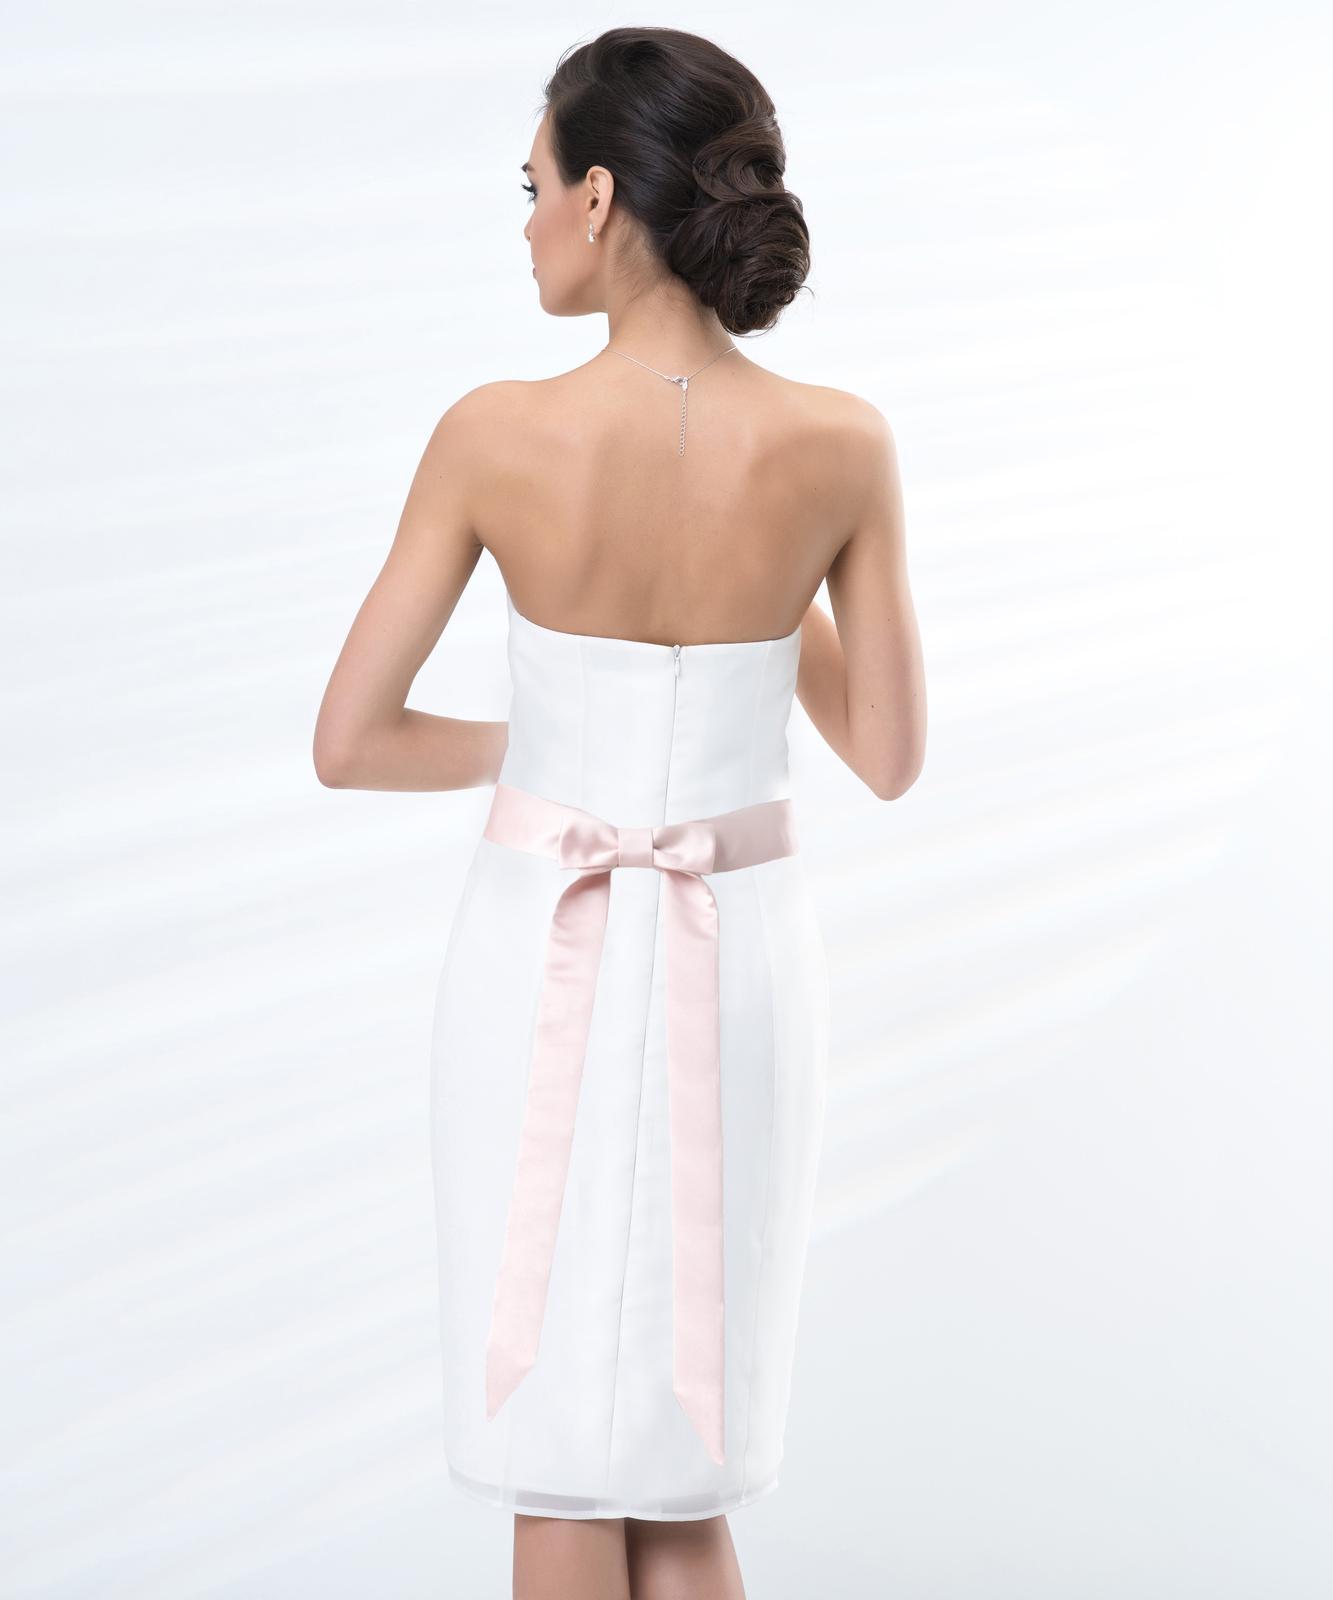 Ružový opasok na svadobné šaty - Obrázok č. 2